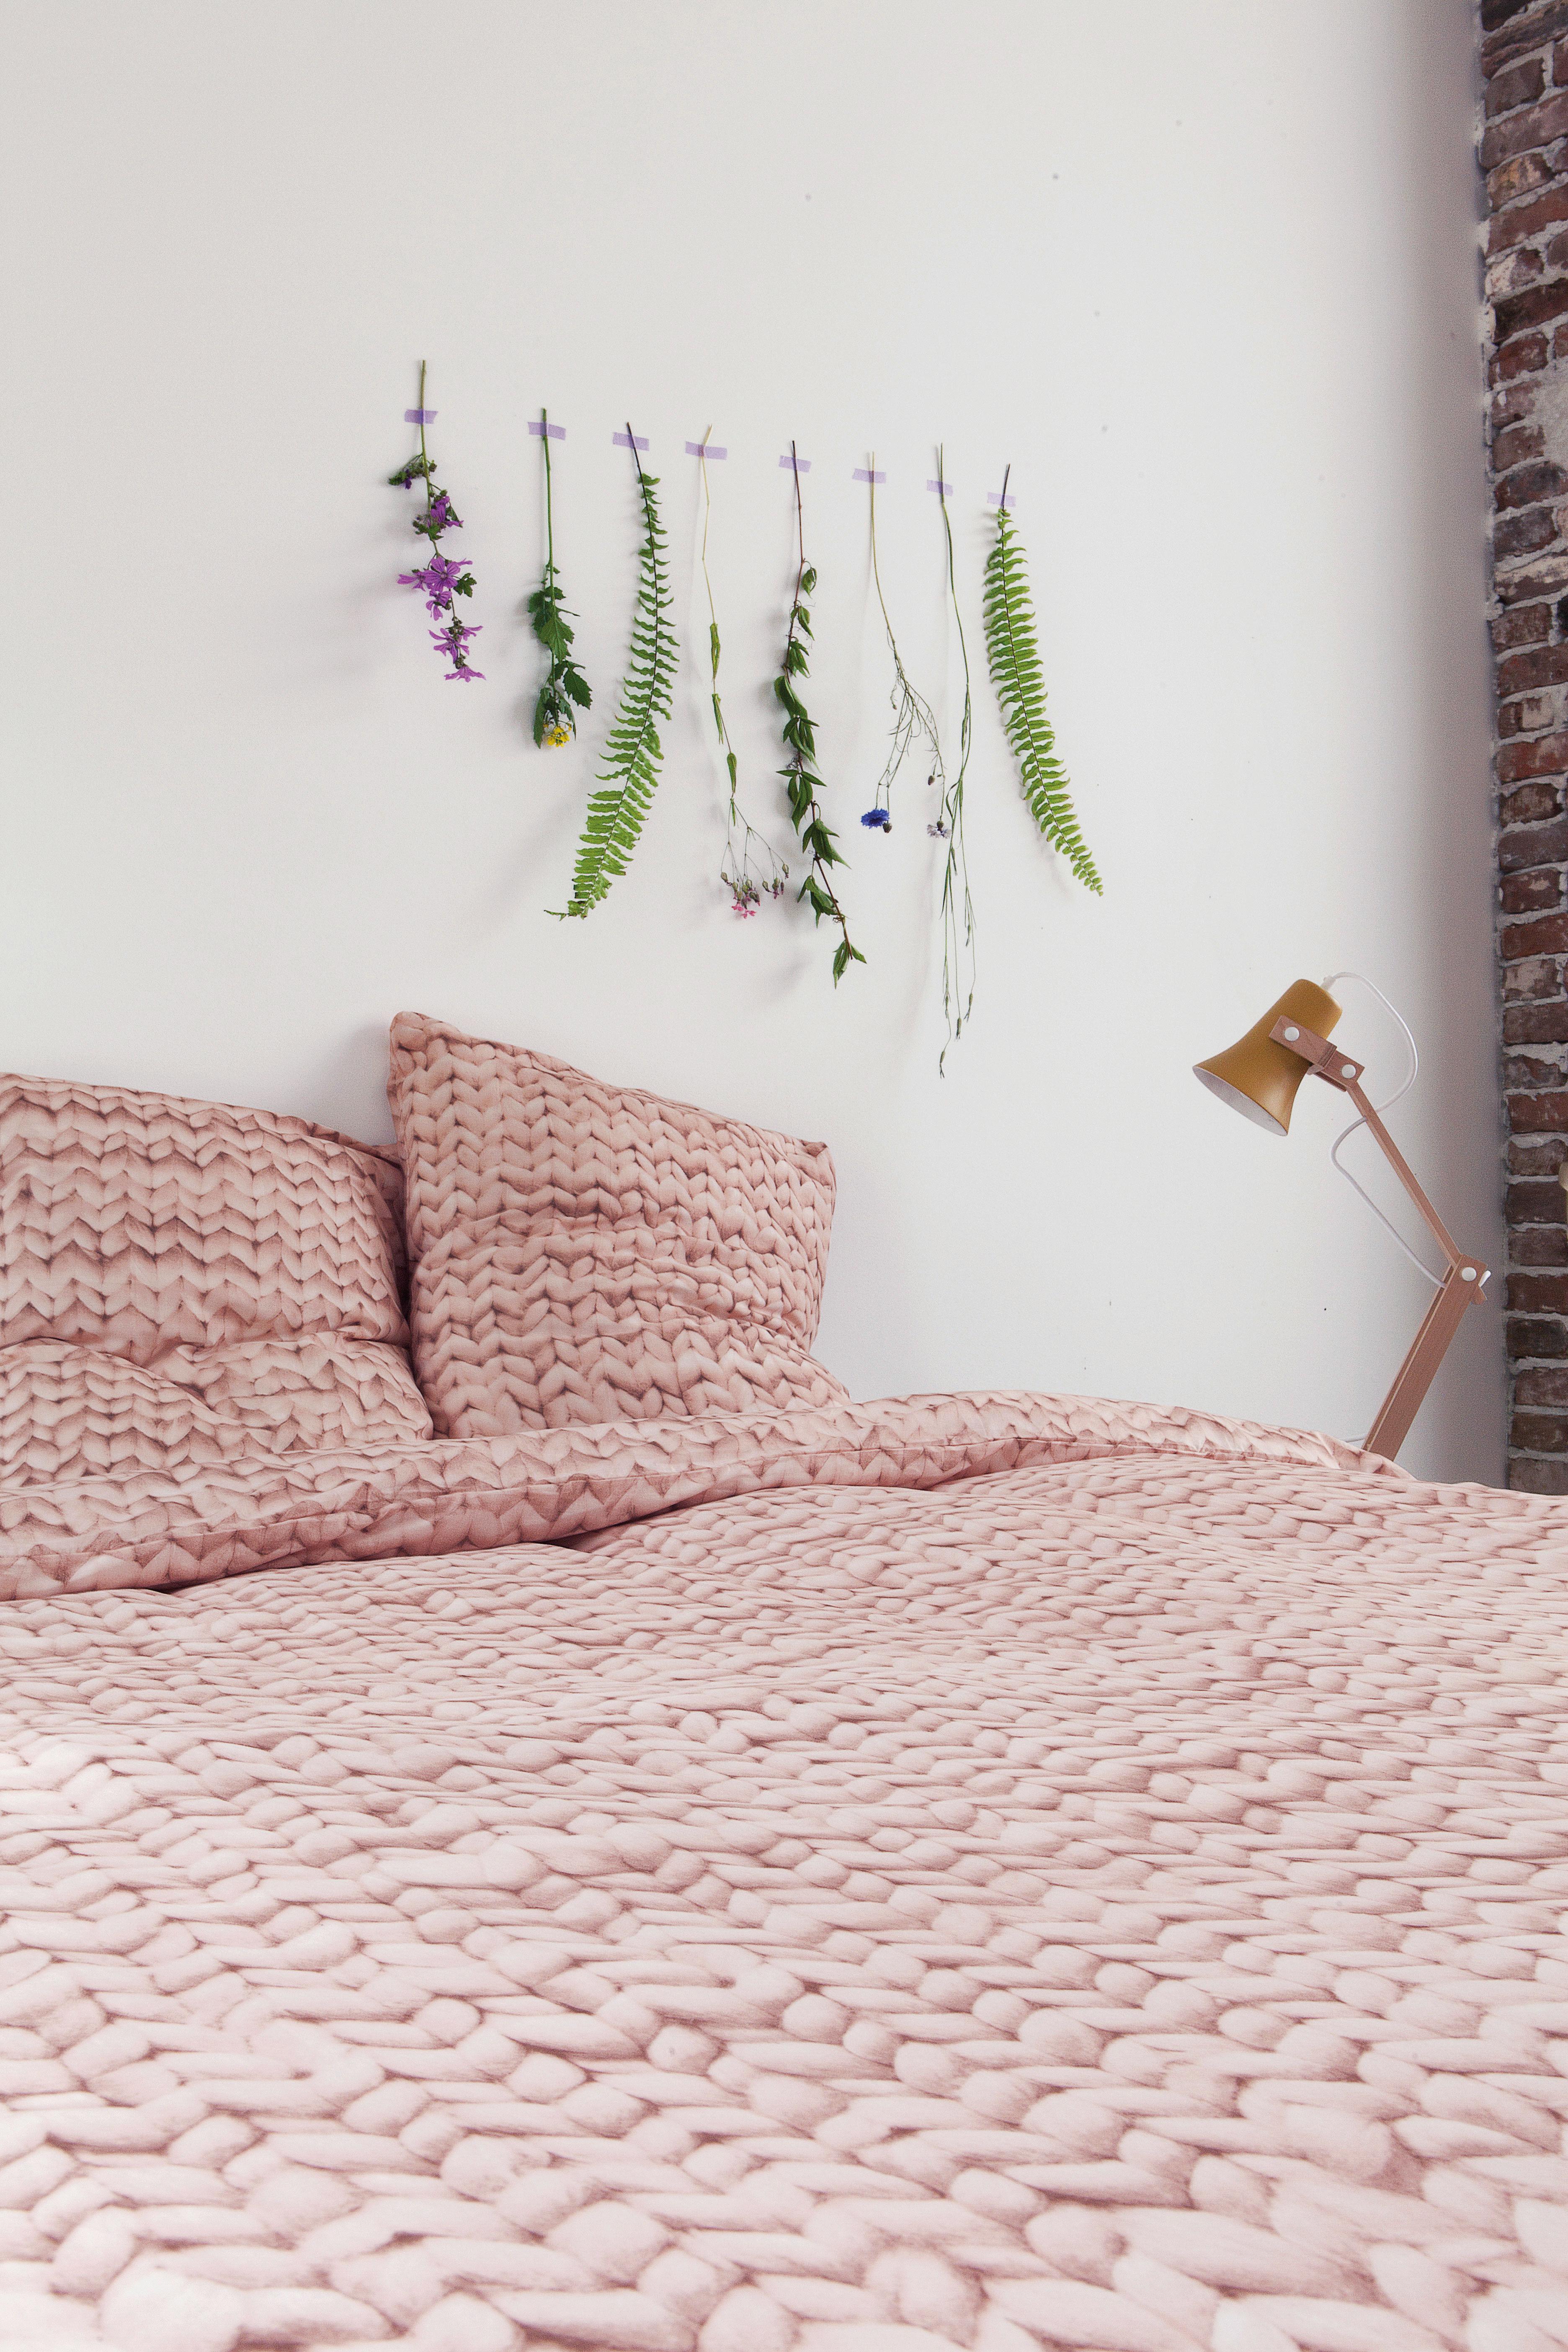 tricot 240 x 220 cm snurk bettw sche set f r 2 personen. Black Bedroom Furniture Sets. Home Design Ideas